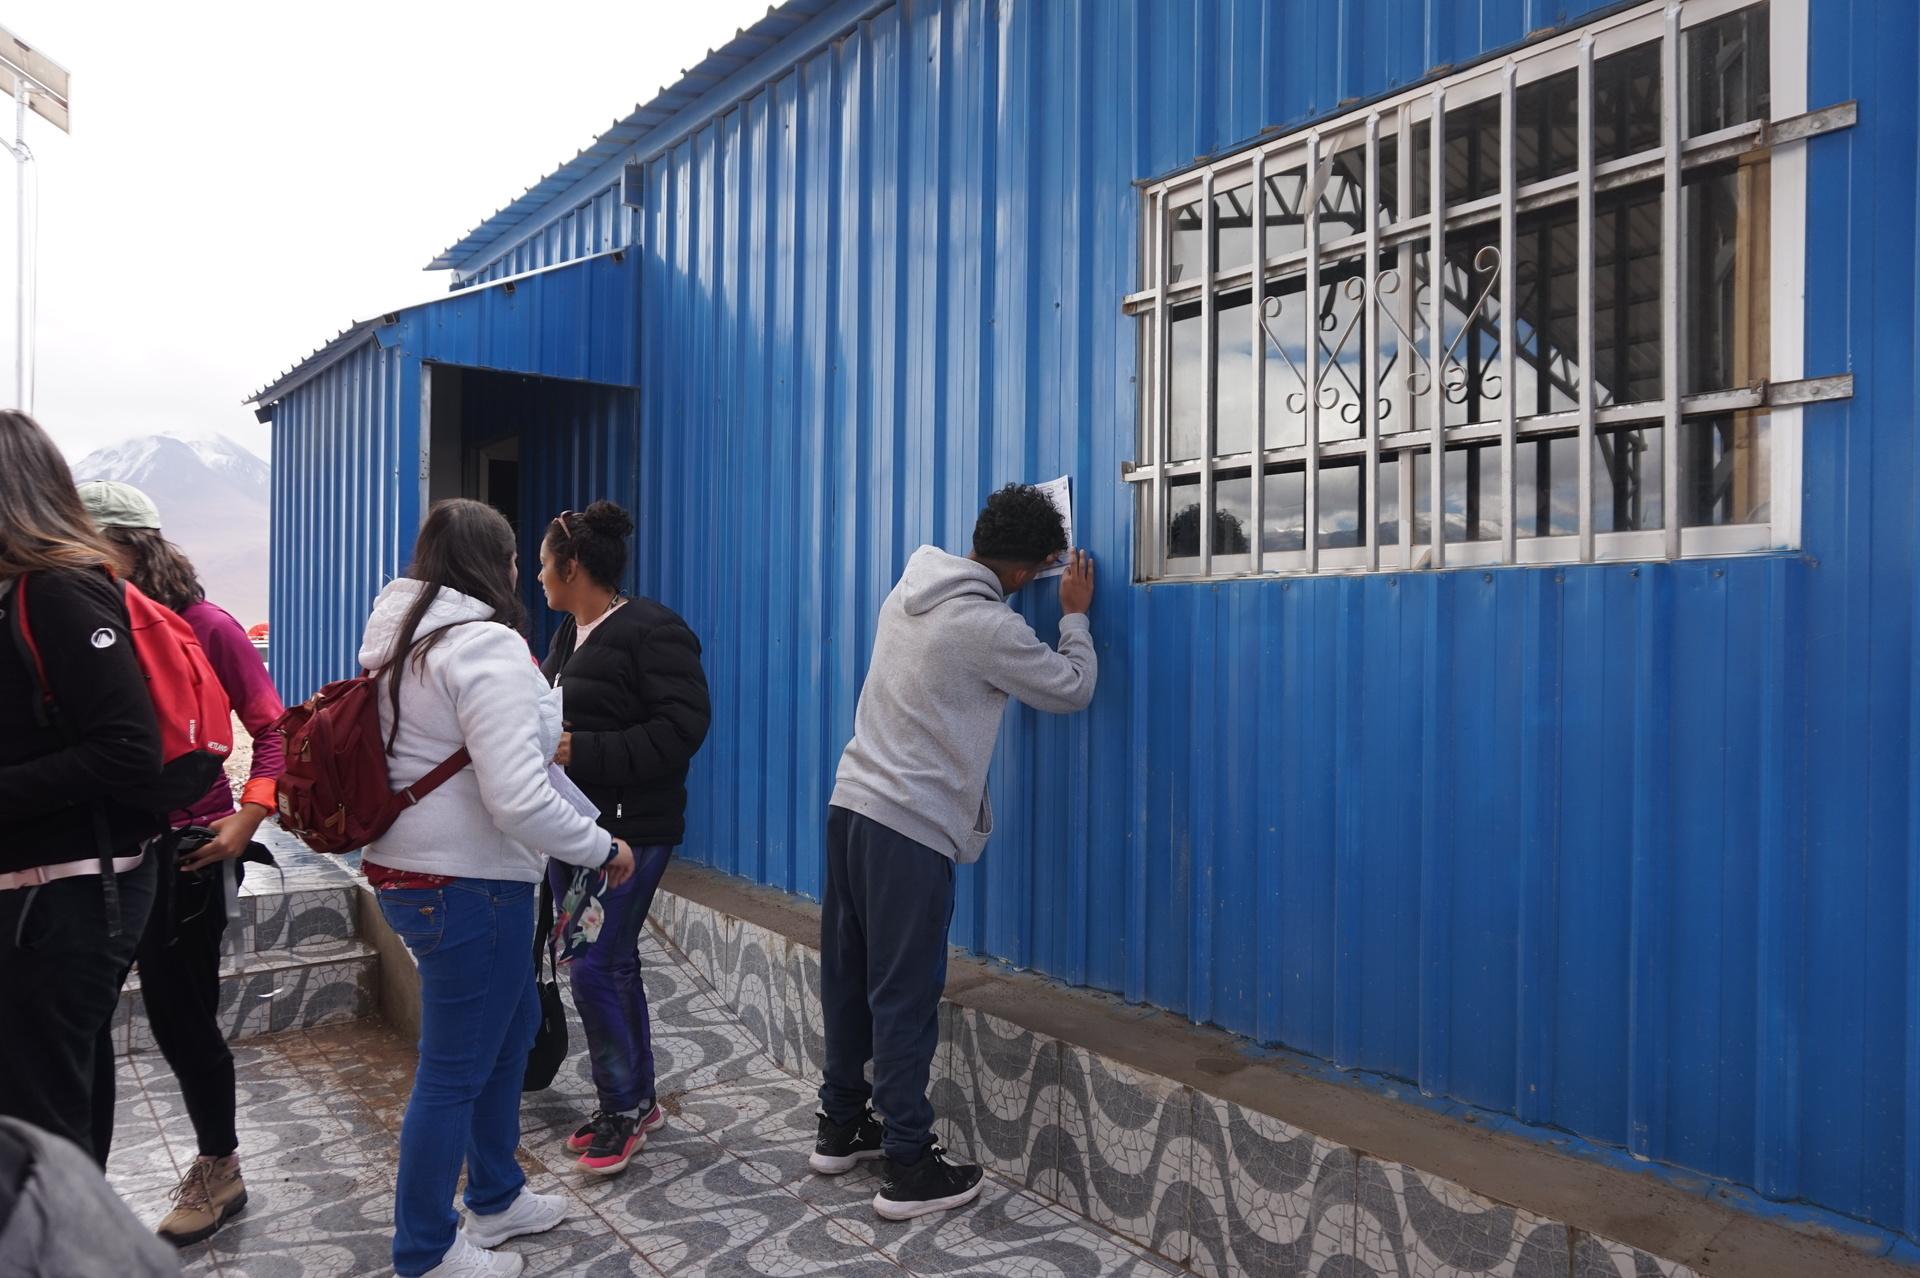 チリ ボリビア ウユニ旅行 2泊3日ツアー 書類記入